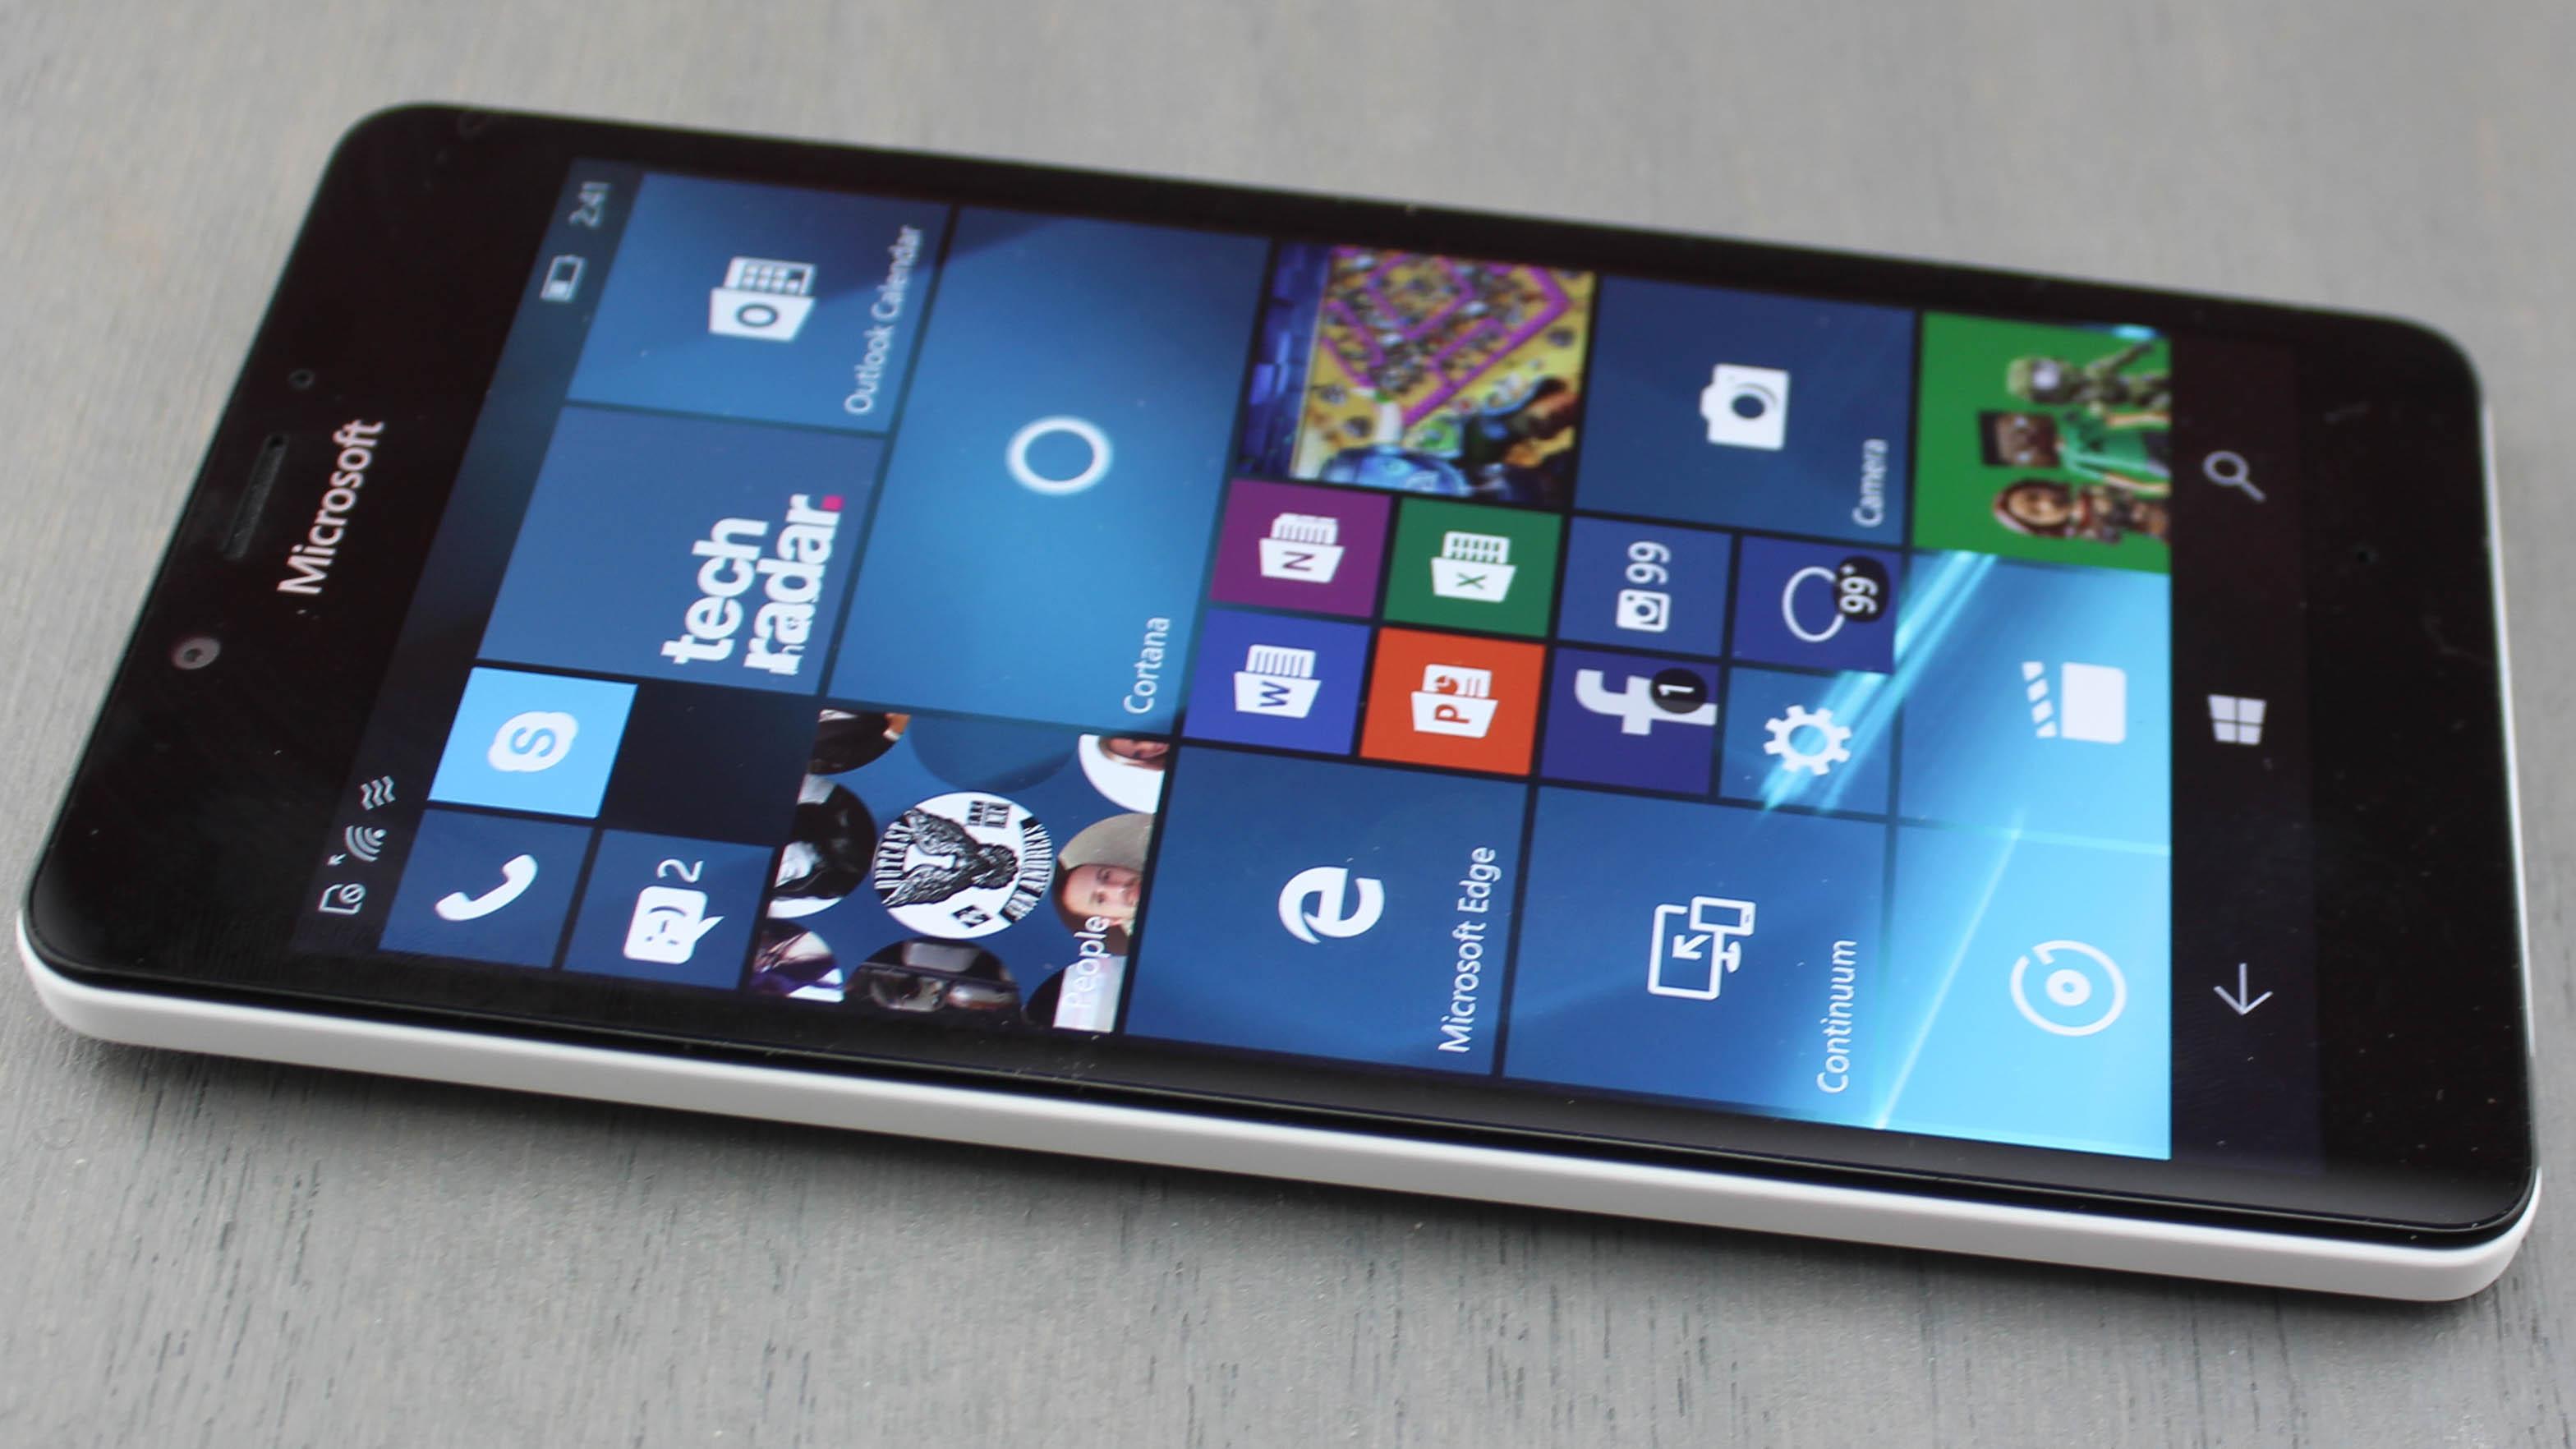 Windows 10 Mobile: Полезные сочетания клавиш в режиме Continuum